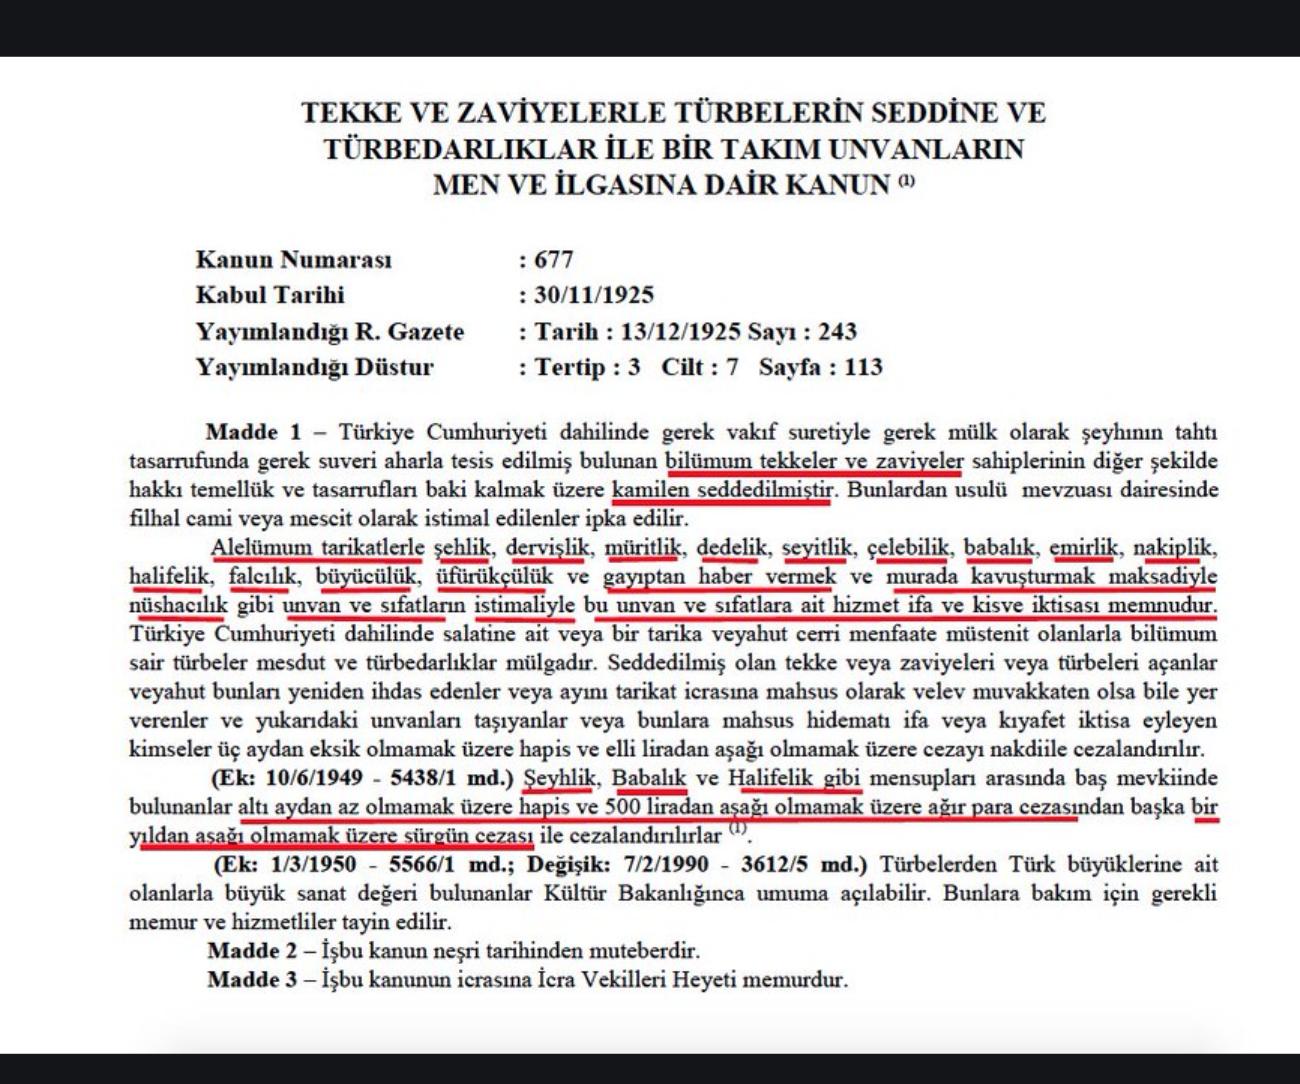 Alevi bektaşi kızılbaş pir sultan Cem semah saz deyiş tekke zaviyeler kapatılması alevilik yasak kanununu atatürk